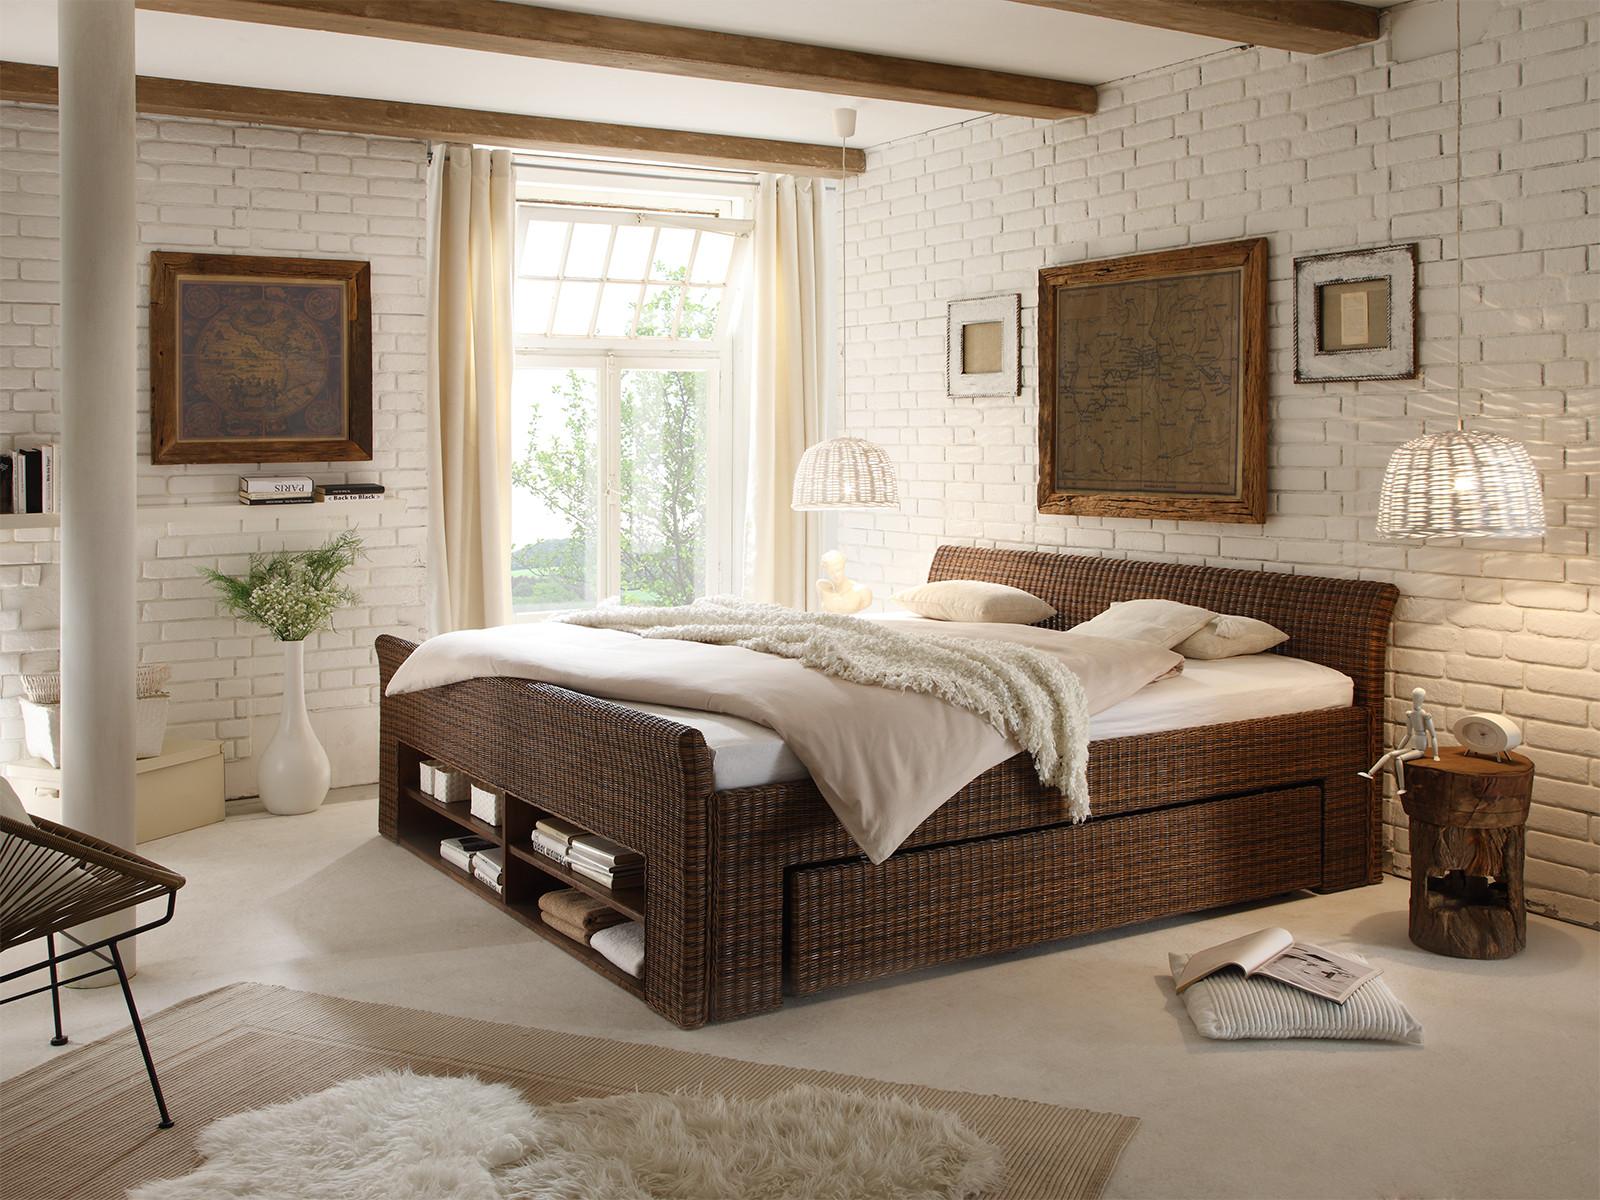 Full Size of Stauraumbett 200x200 Bett Weiß Komforthöhe Betten Mit Bettkasten Stauraum Wohnzimmer Stauraumbett 200x200